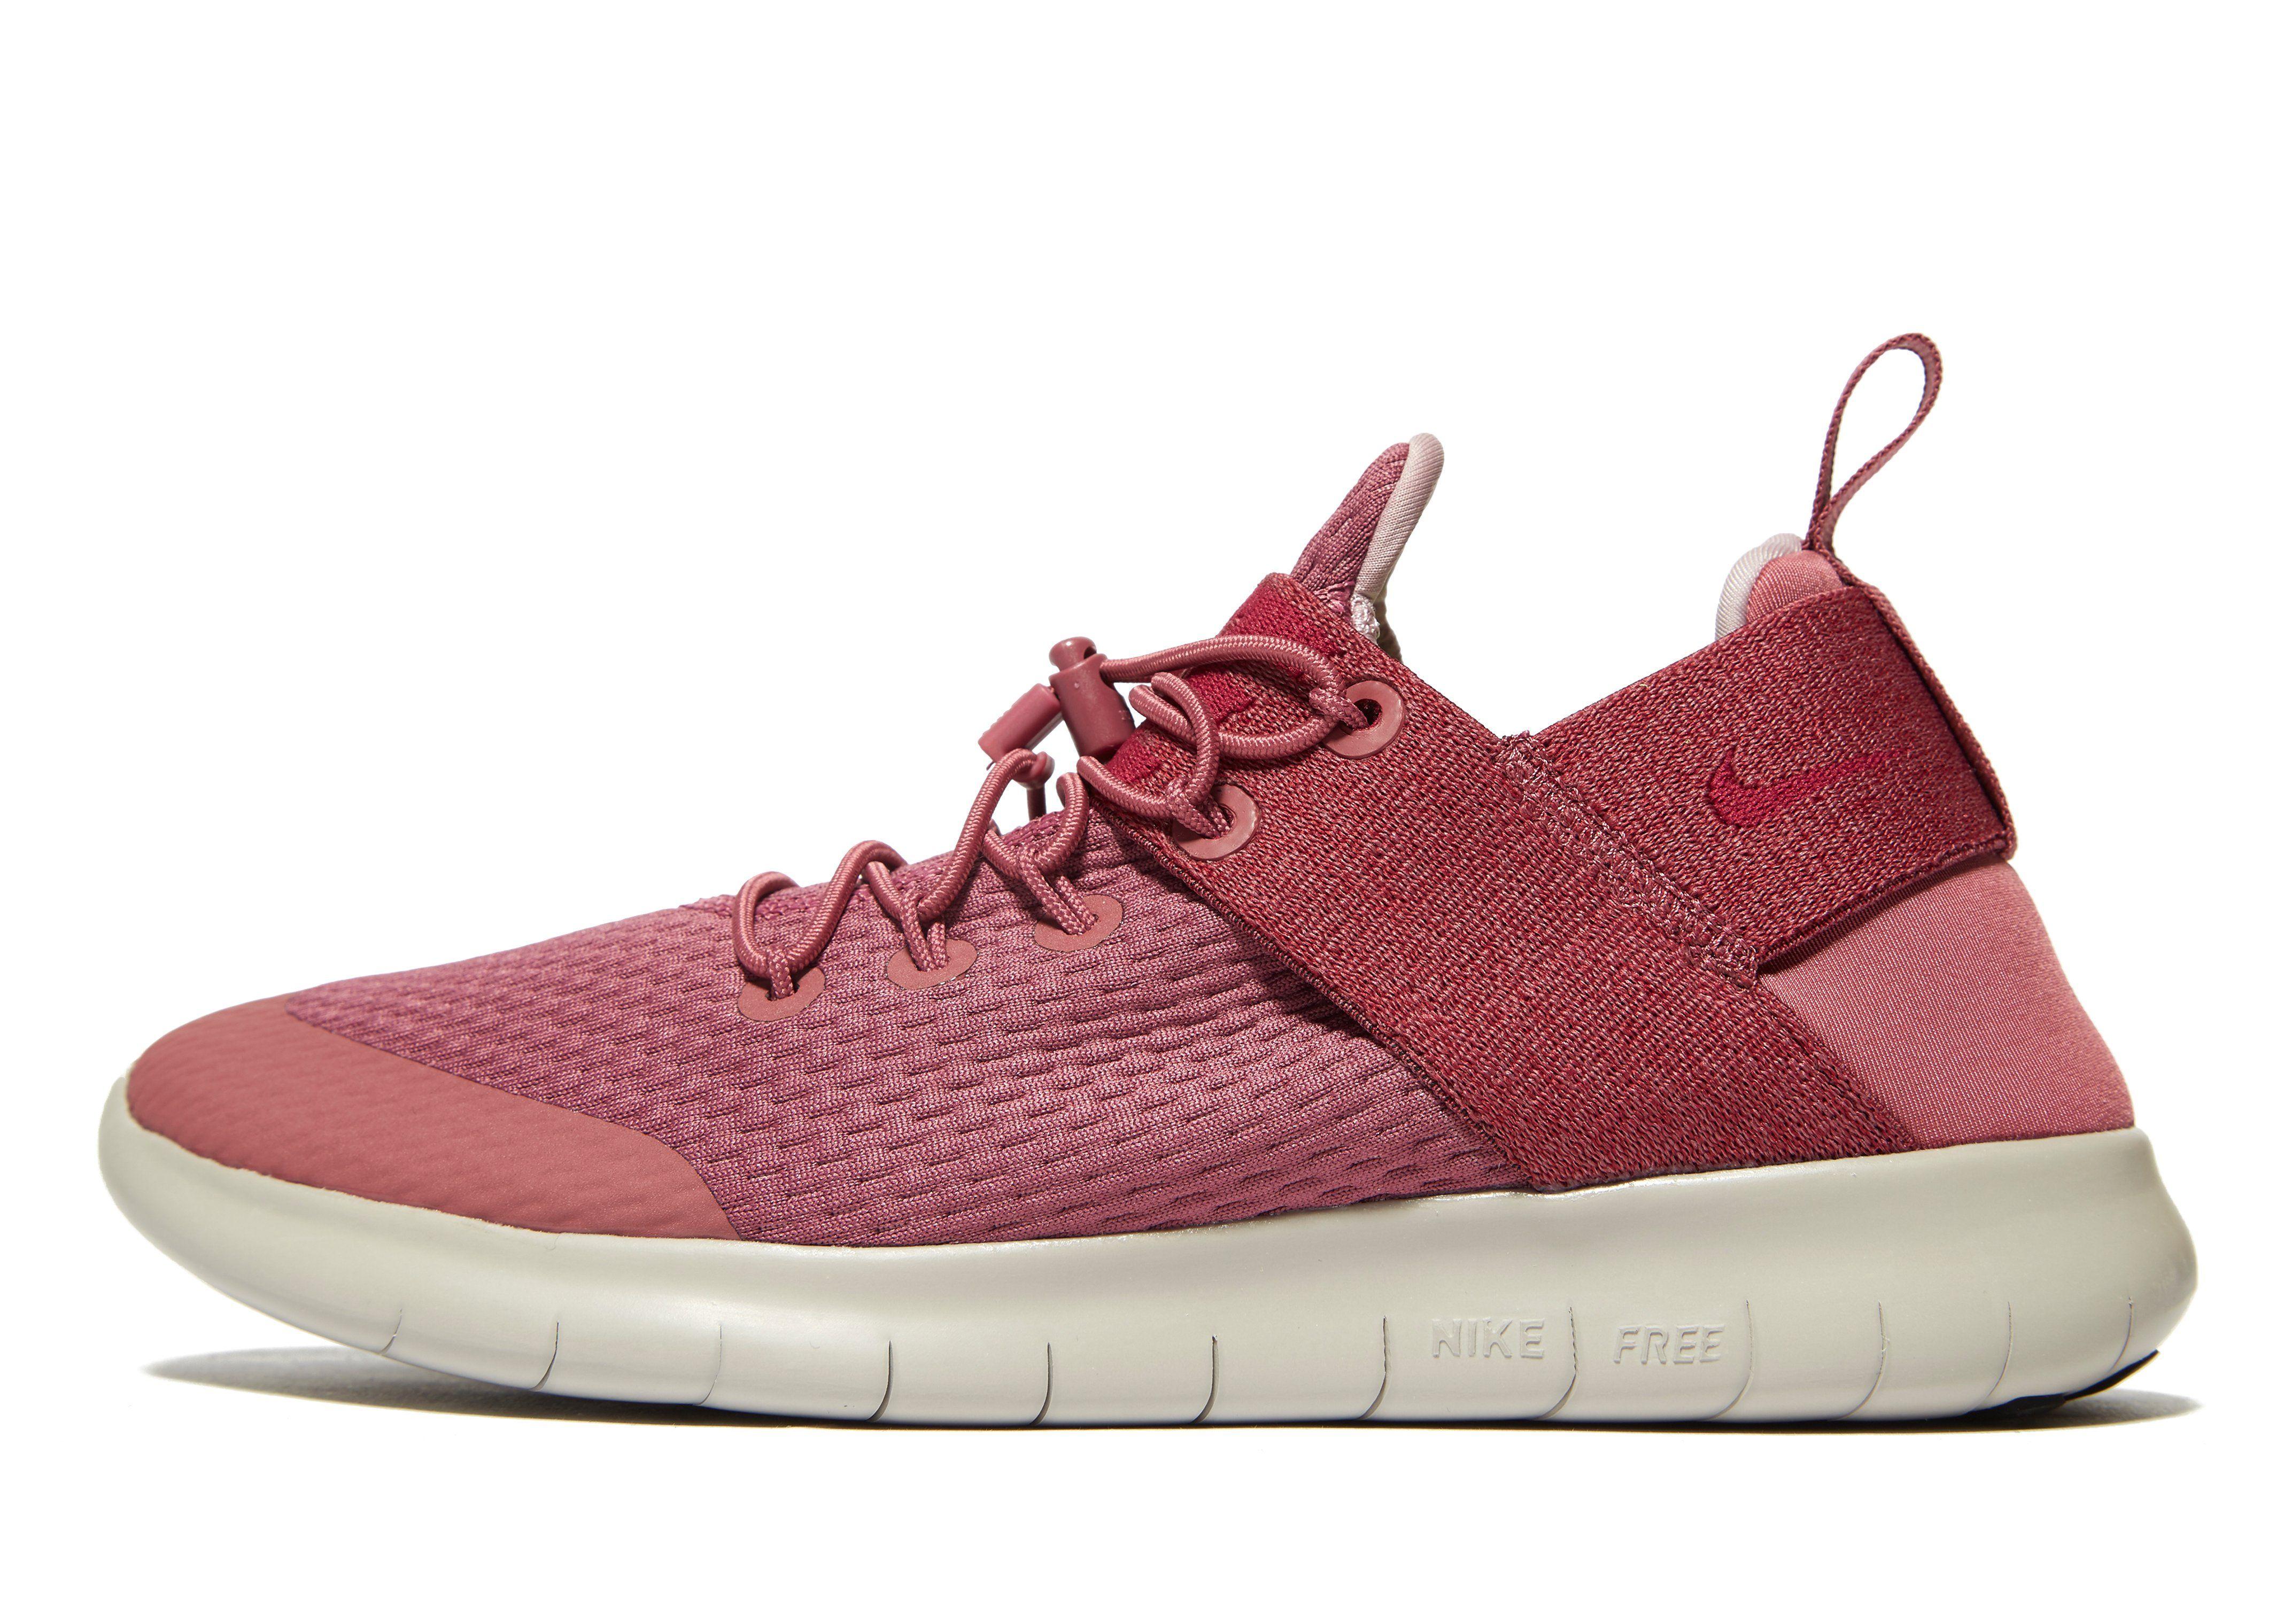 online retailer 70d04 2c877 Nike Free Run Commuter 2 Femme   JD Sports